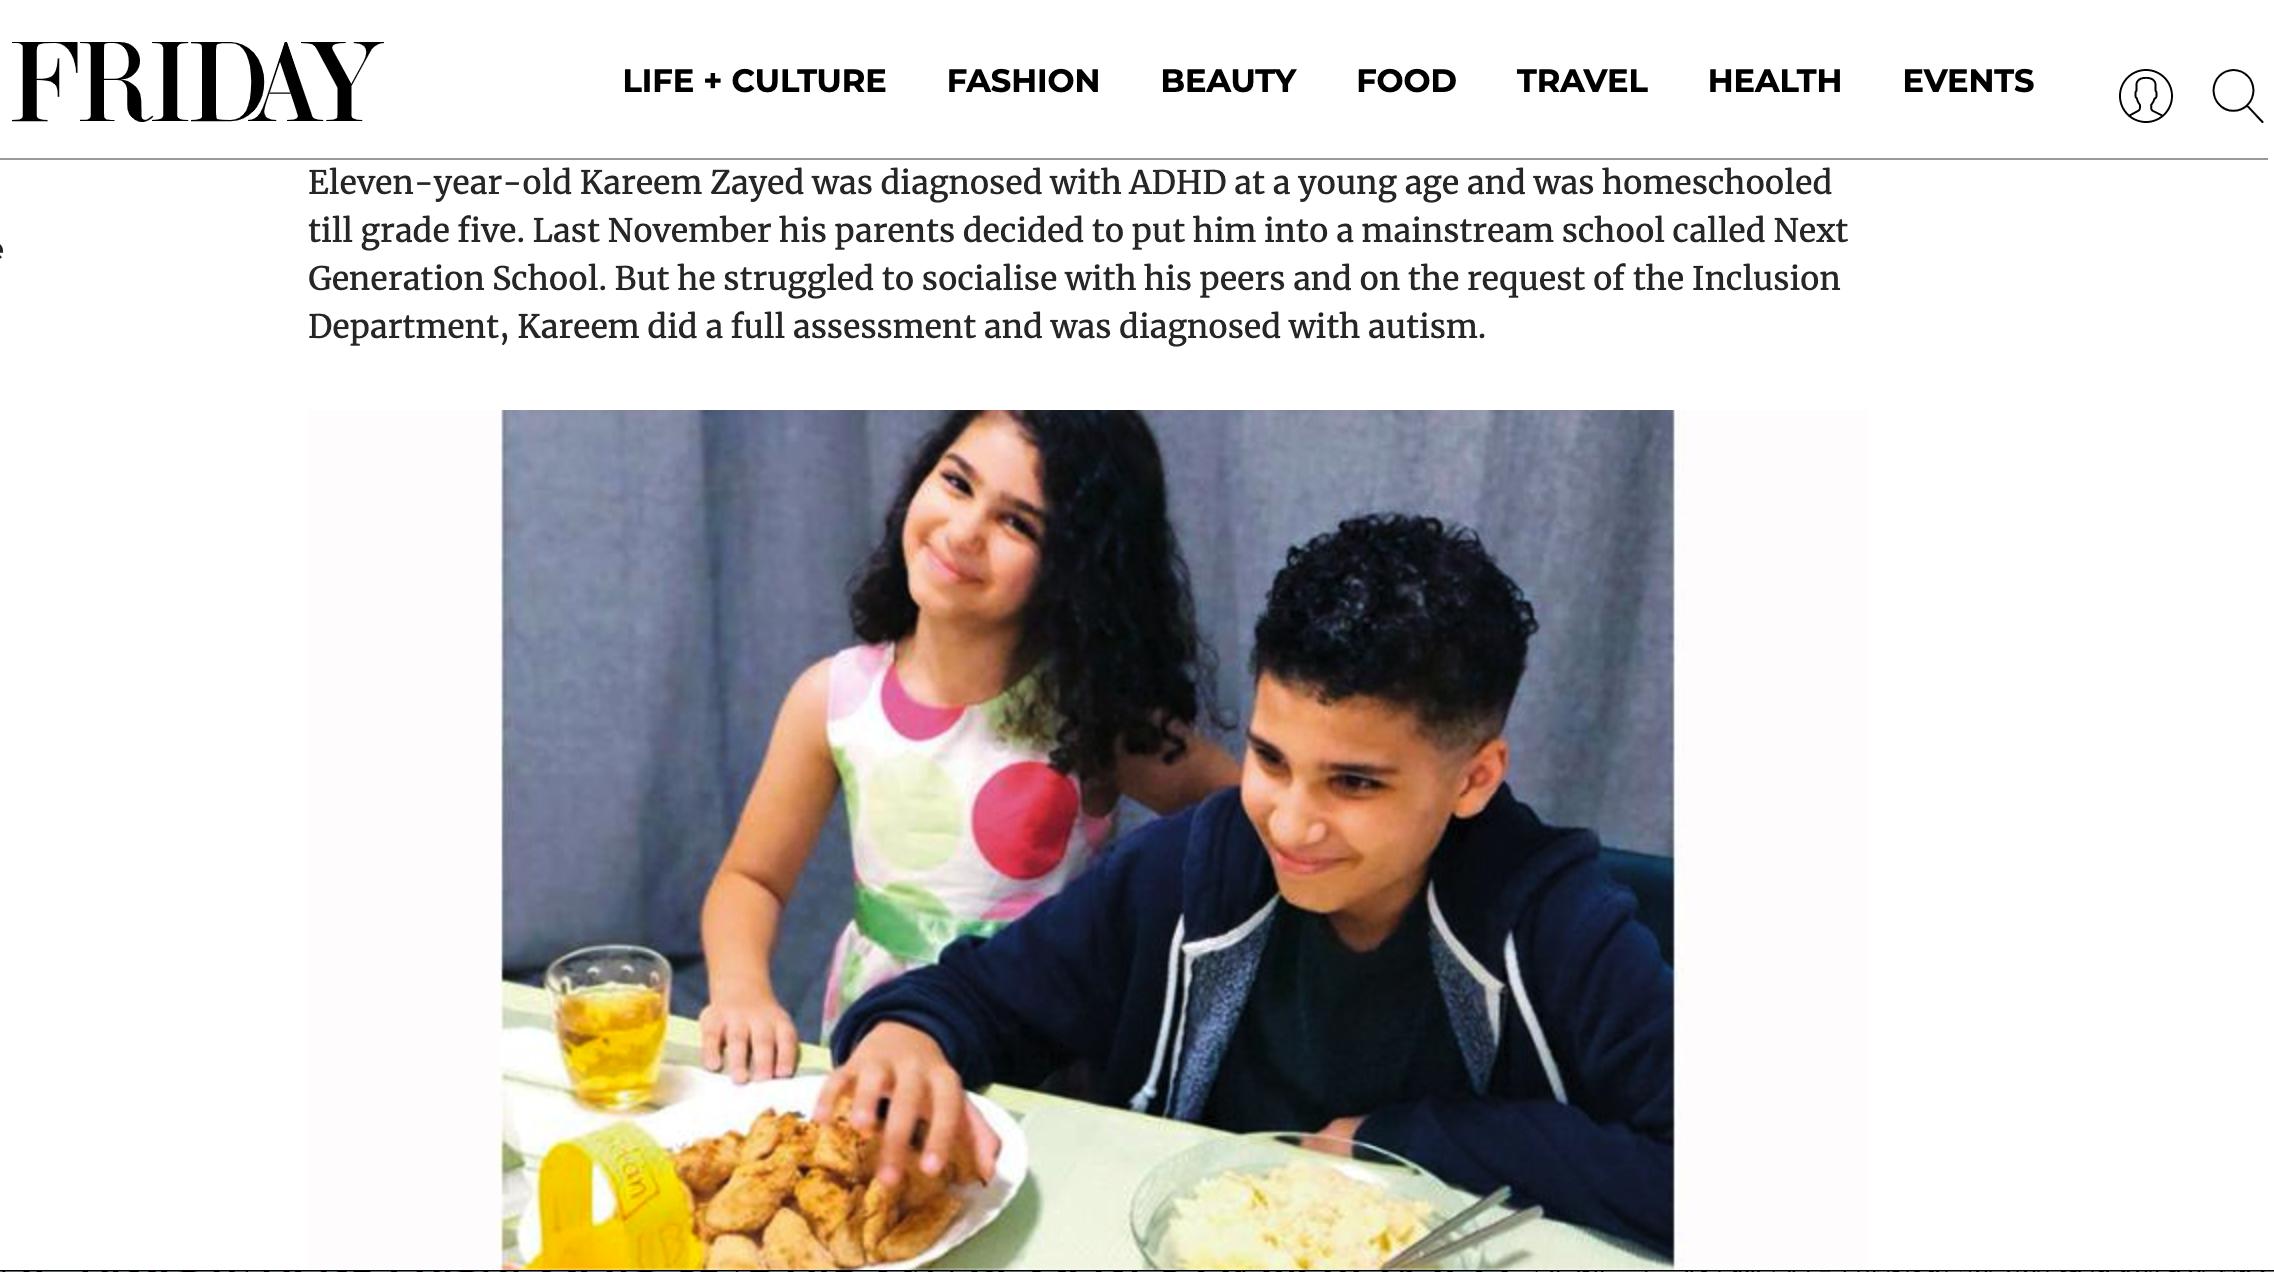 كريم من الصف السادس يظهر في مجلة الجمعة